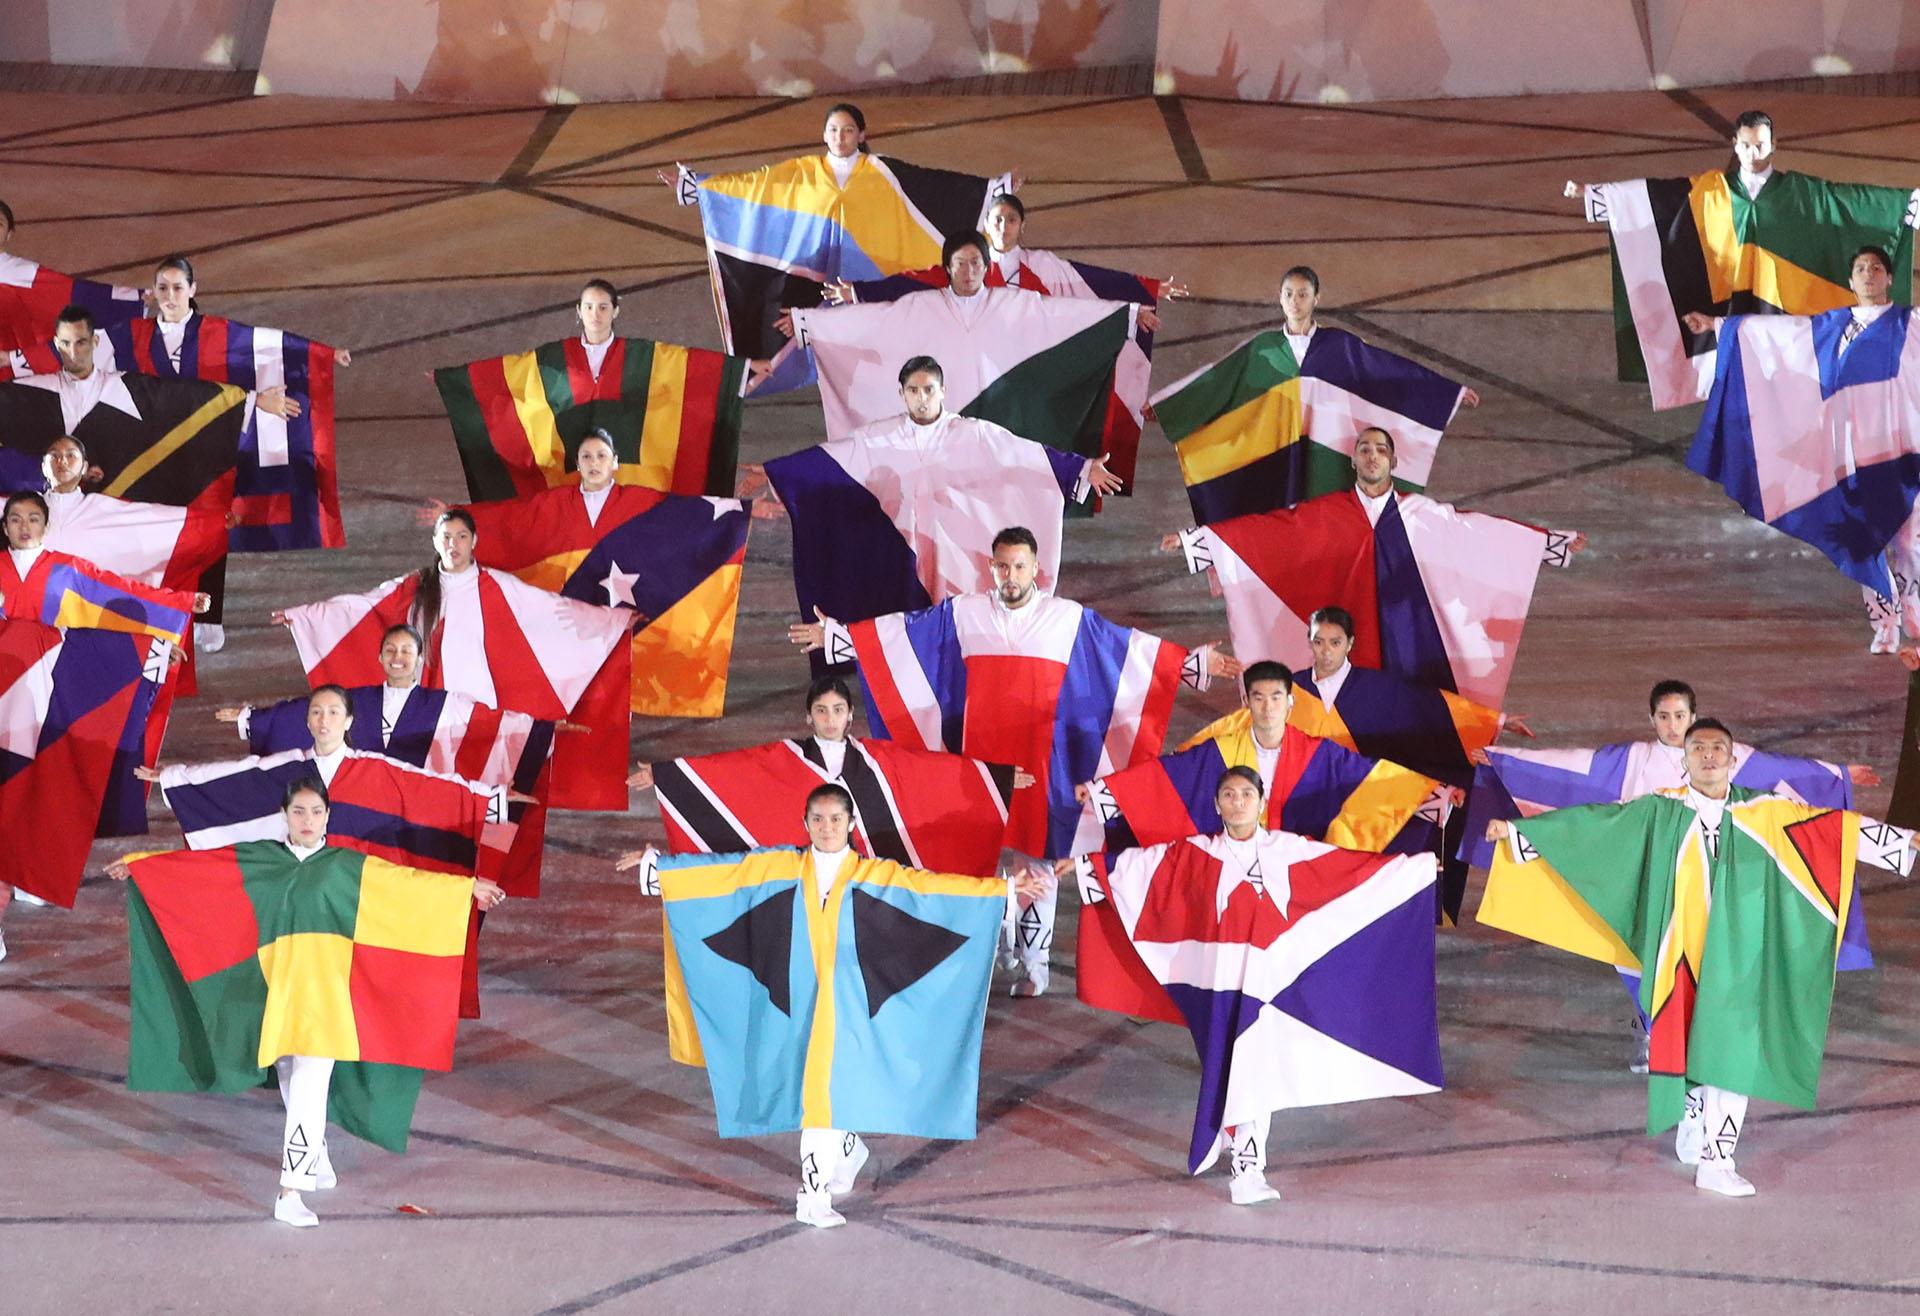 Los bailarines con los colores de las banderas de los países participantes de Lima 2019 (REUTERS/Sergio Moraes)